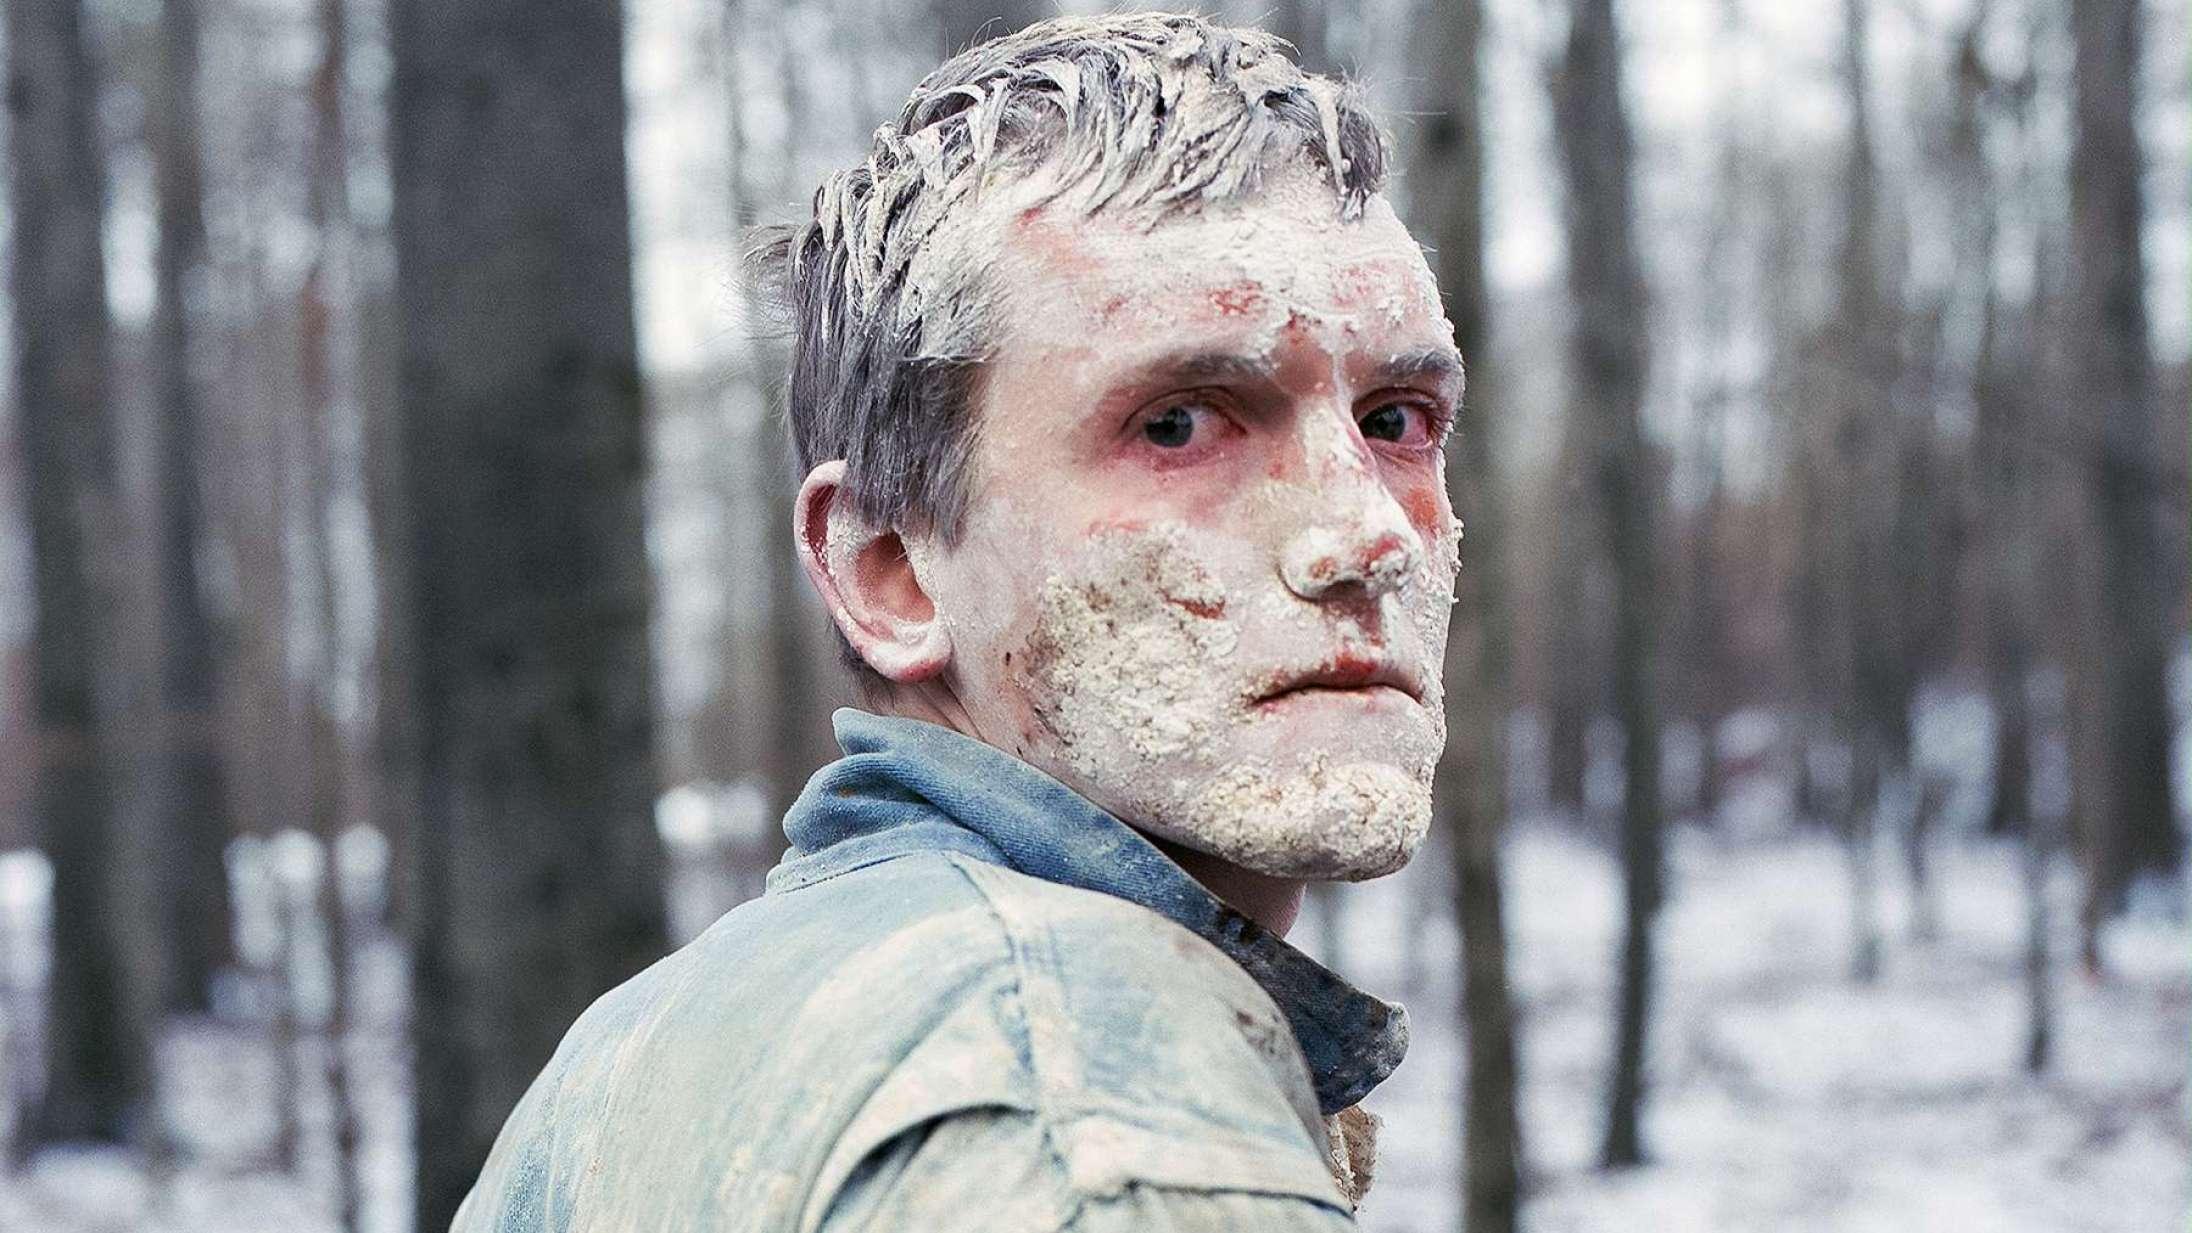 Se alle Robert-vinderne: 'Vinterbrødre' førte an i magtdemonstration af dansk films unge vilde